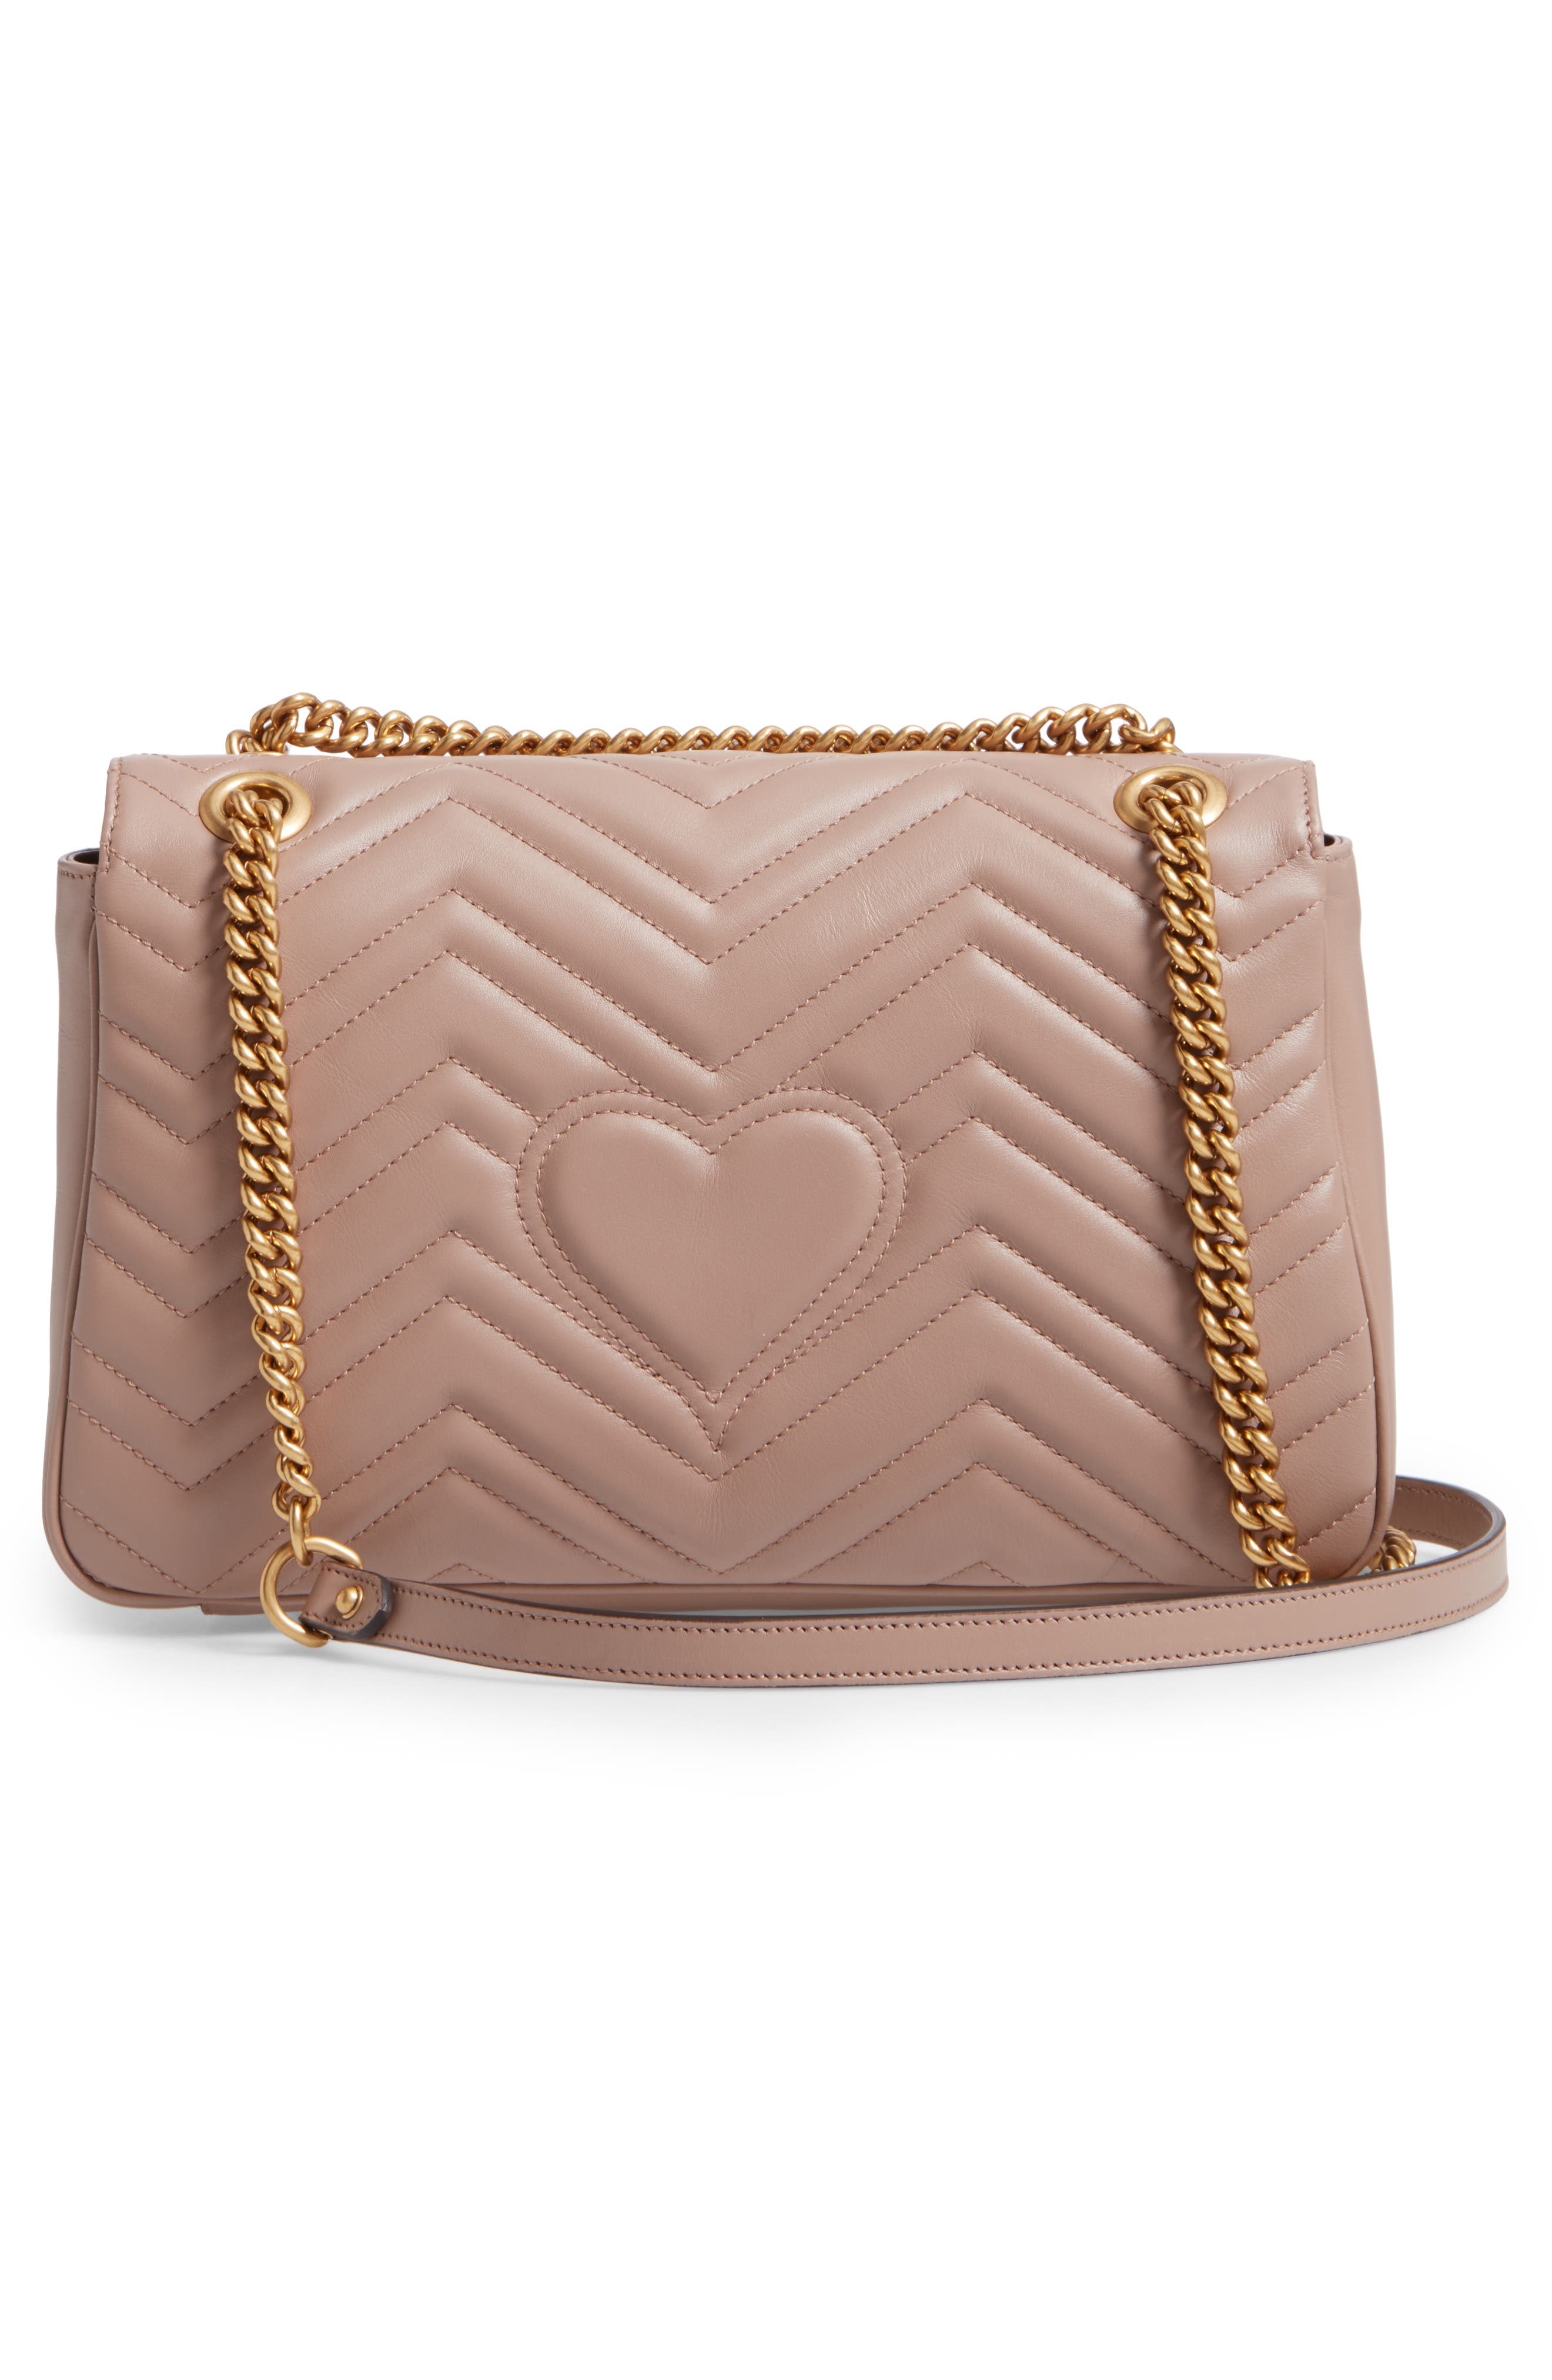 Medium GG Marmont 2.0 Matelassé Leather Shoulder Bag,                             Alternate thumbnail 3, color,                             Porcelain Rose